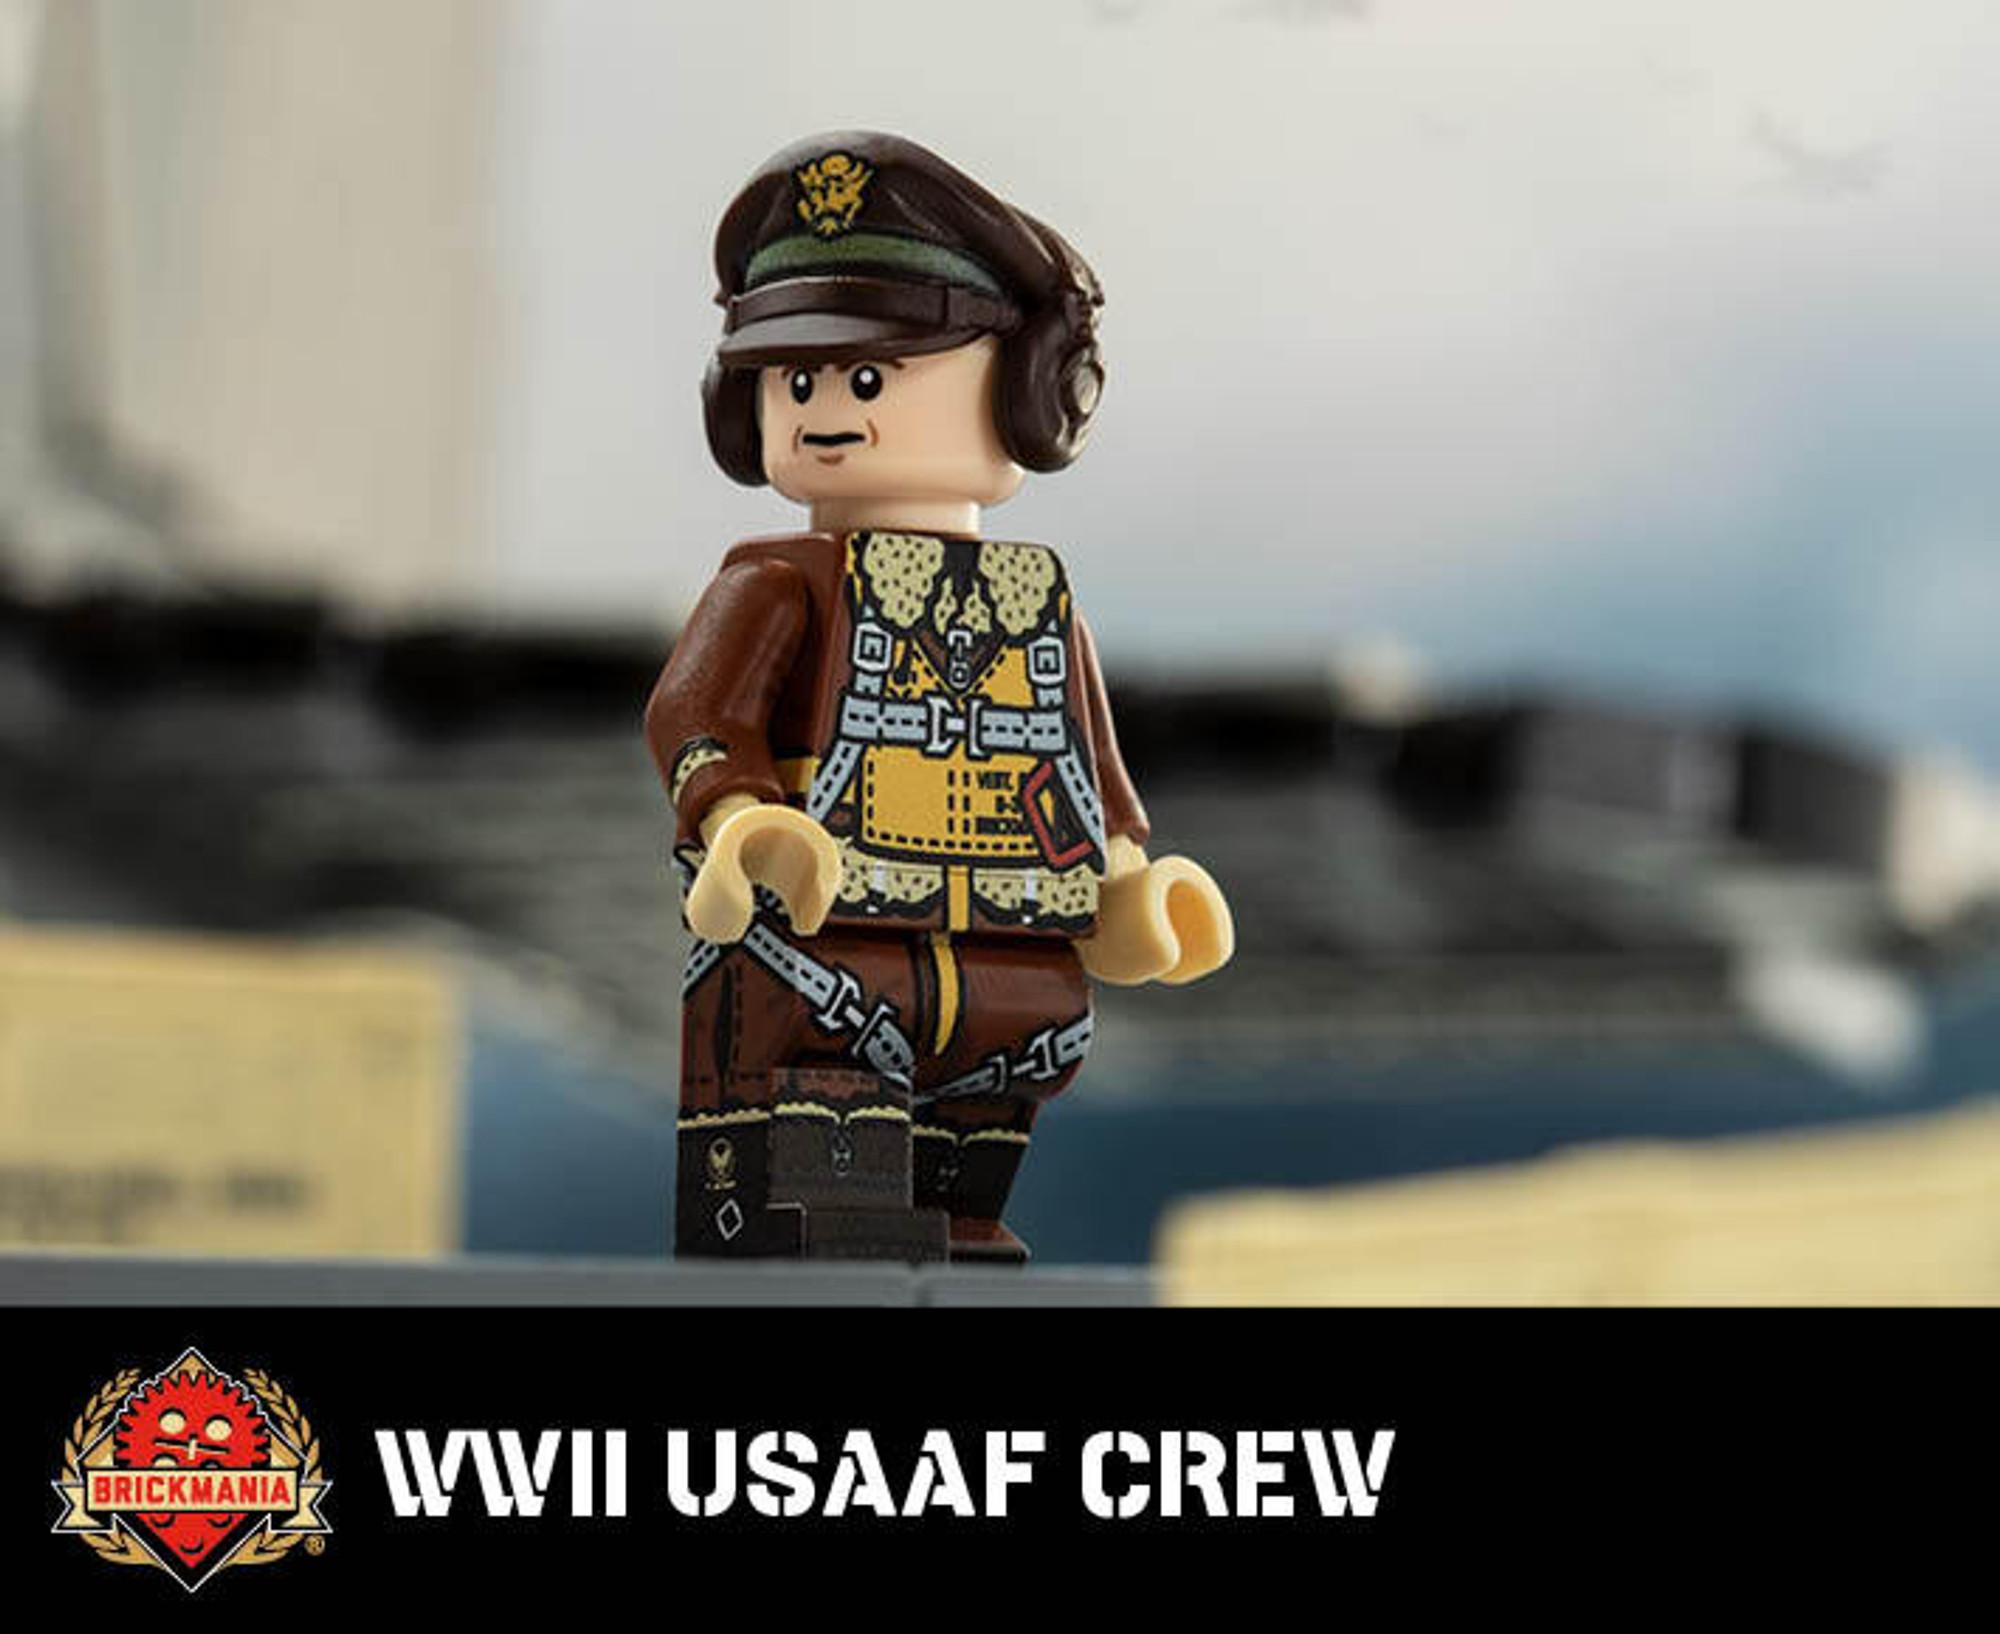 WWII USAAF Crew